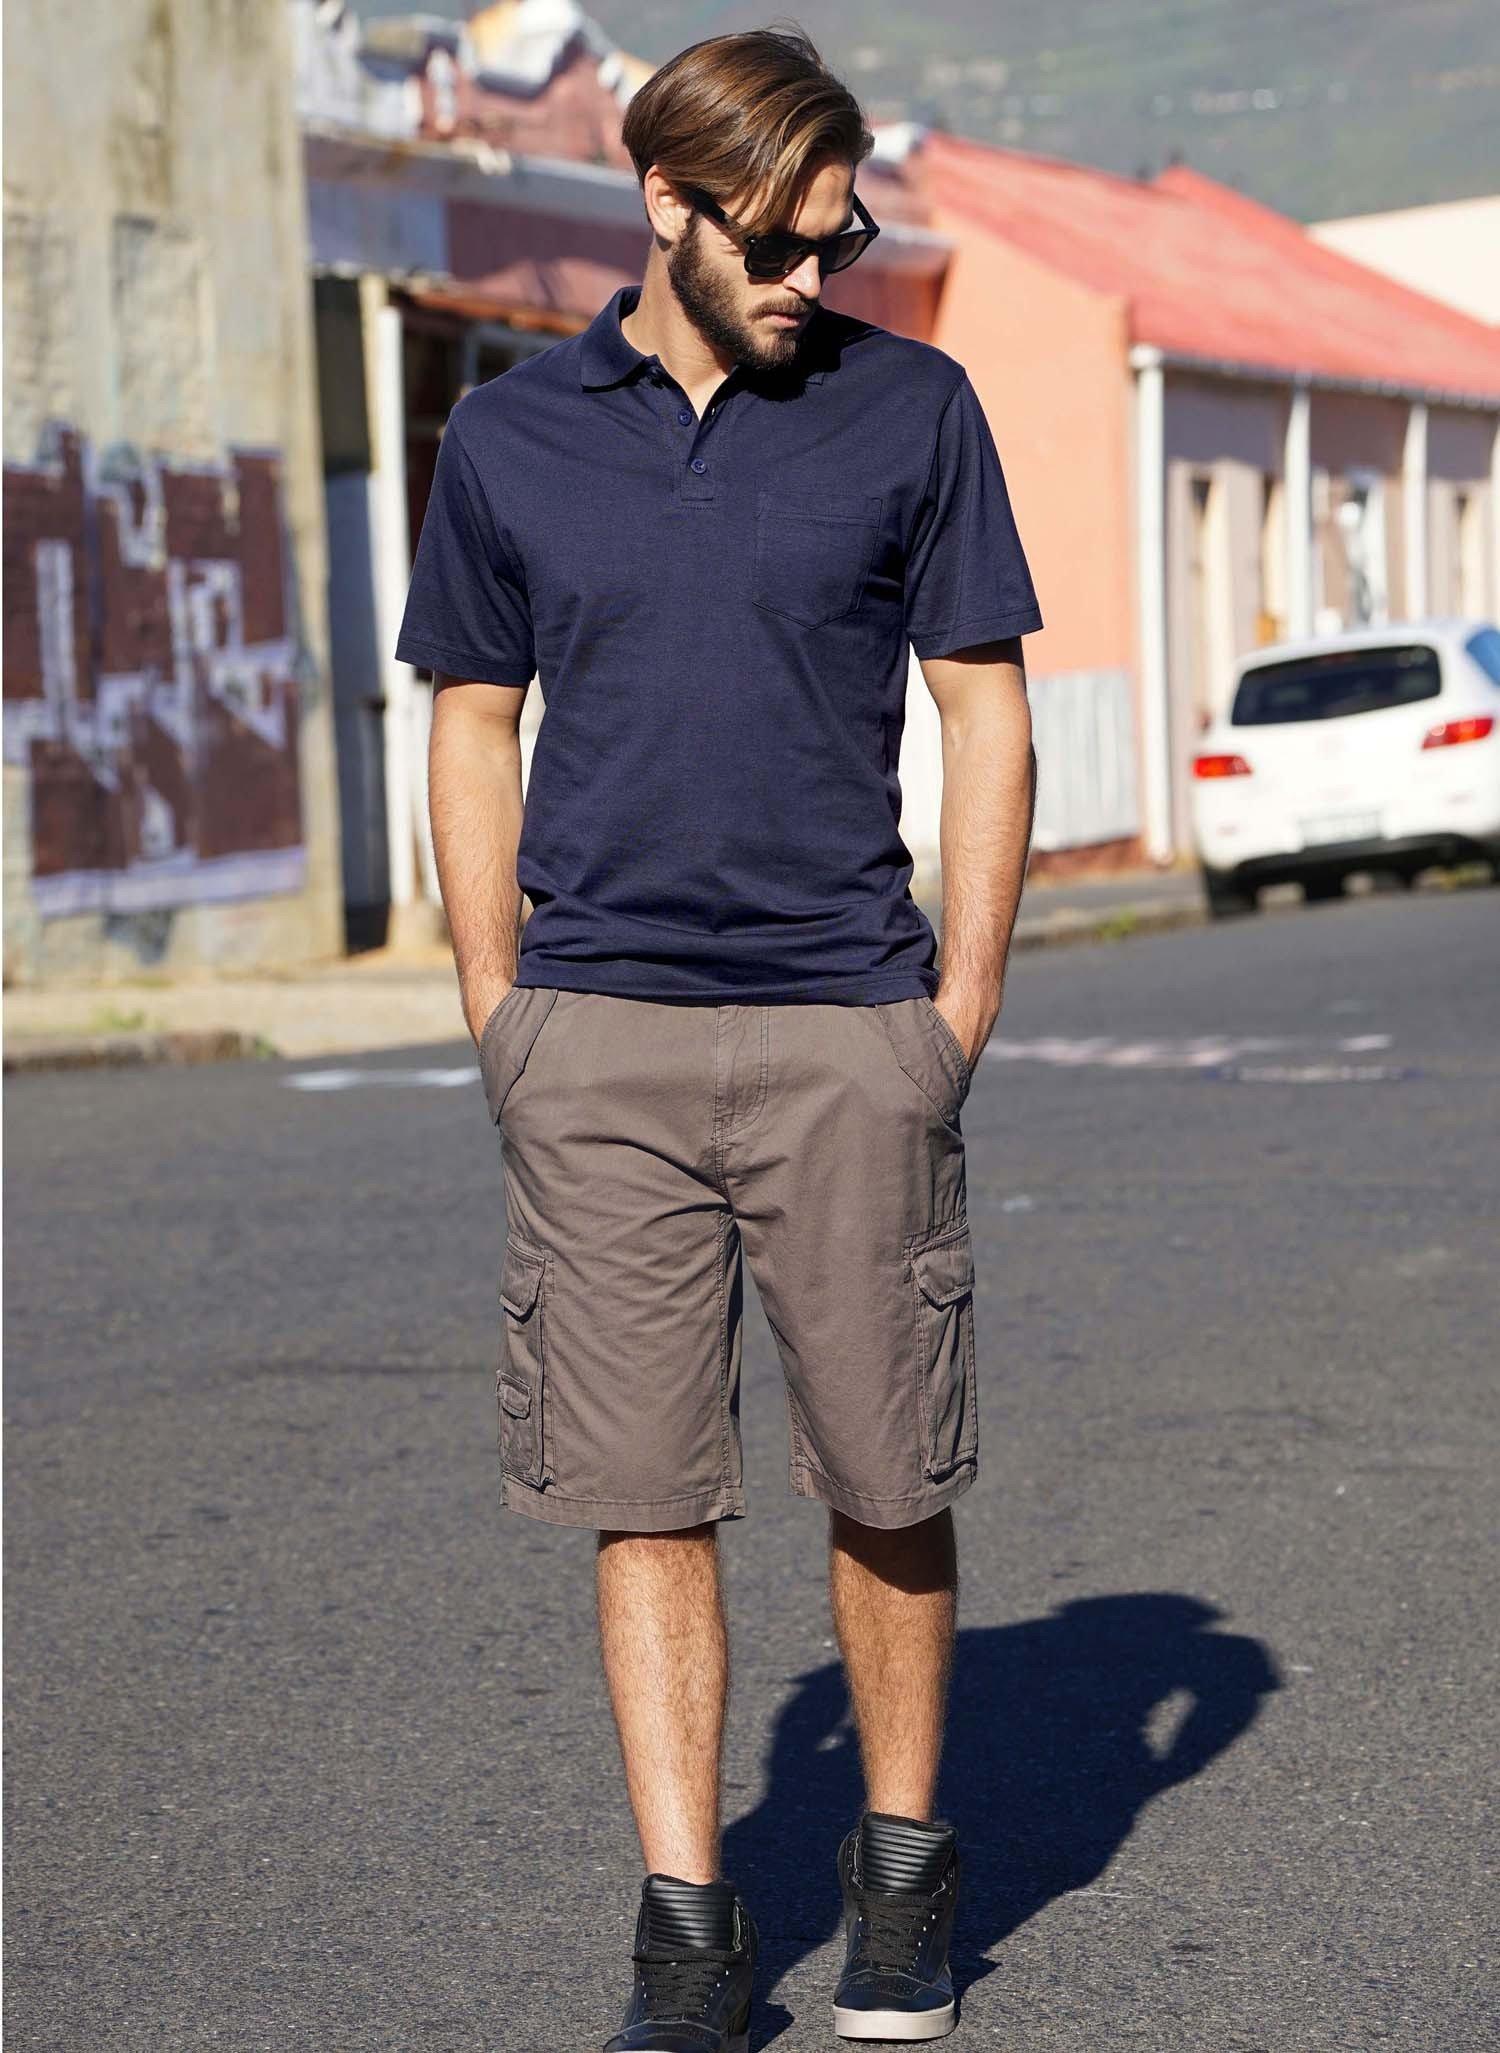 H-Bermuda-Shorts,Taschen braun 38 043 - 2 - Ronja.ch